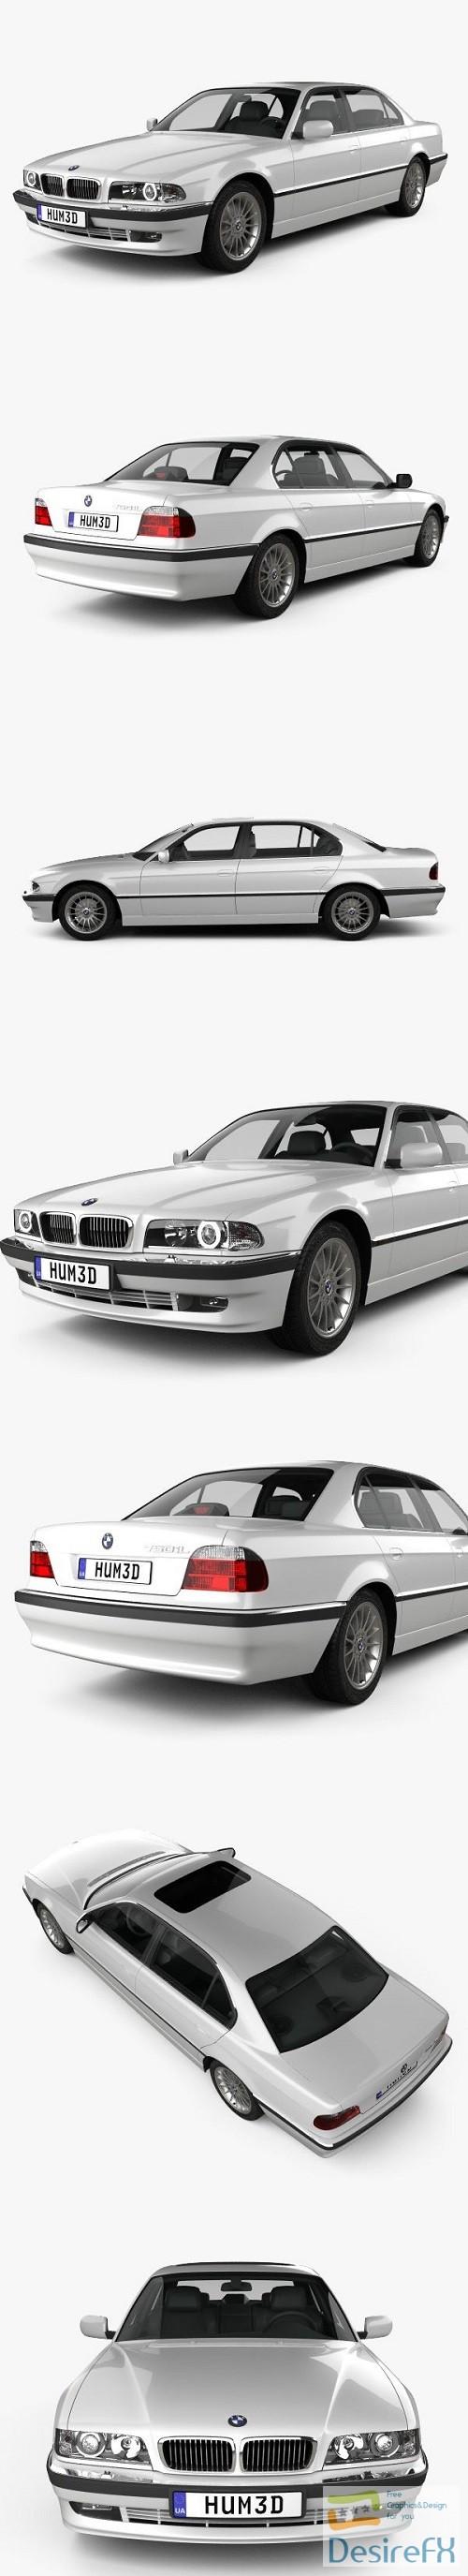 3d-models - BMW 7 series L e38 1998 3D Model